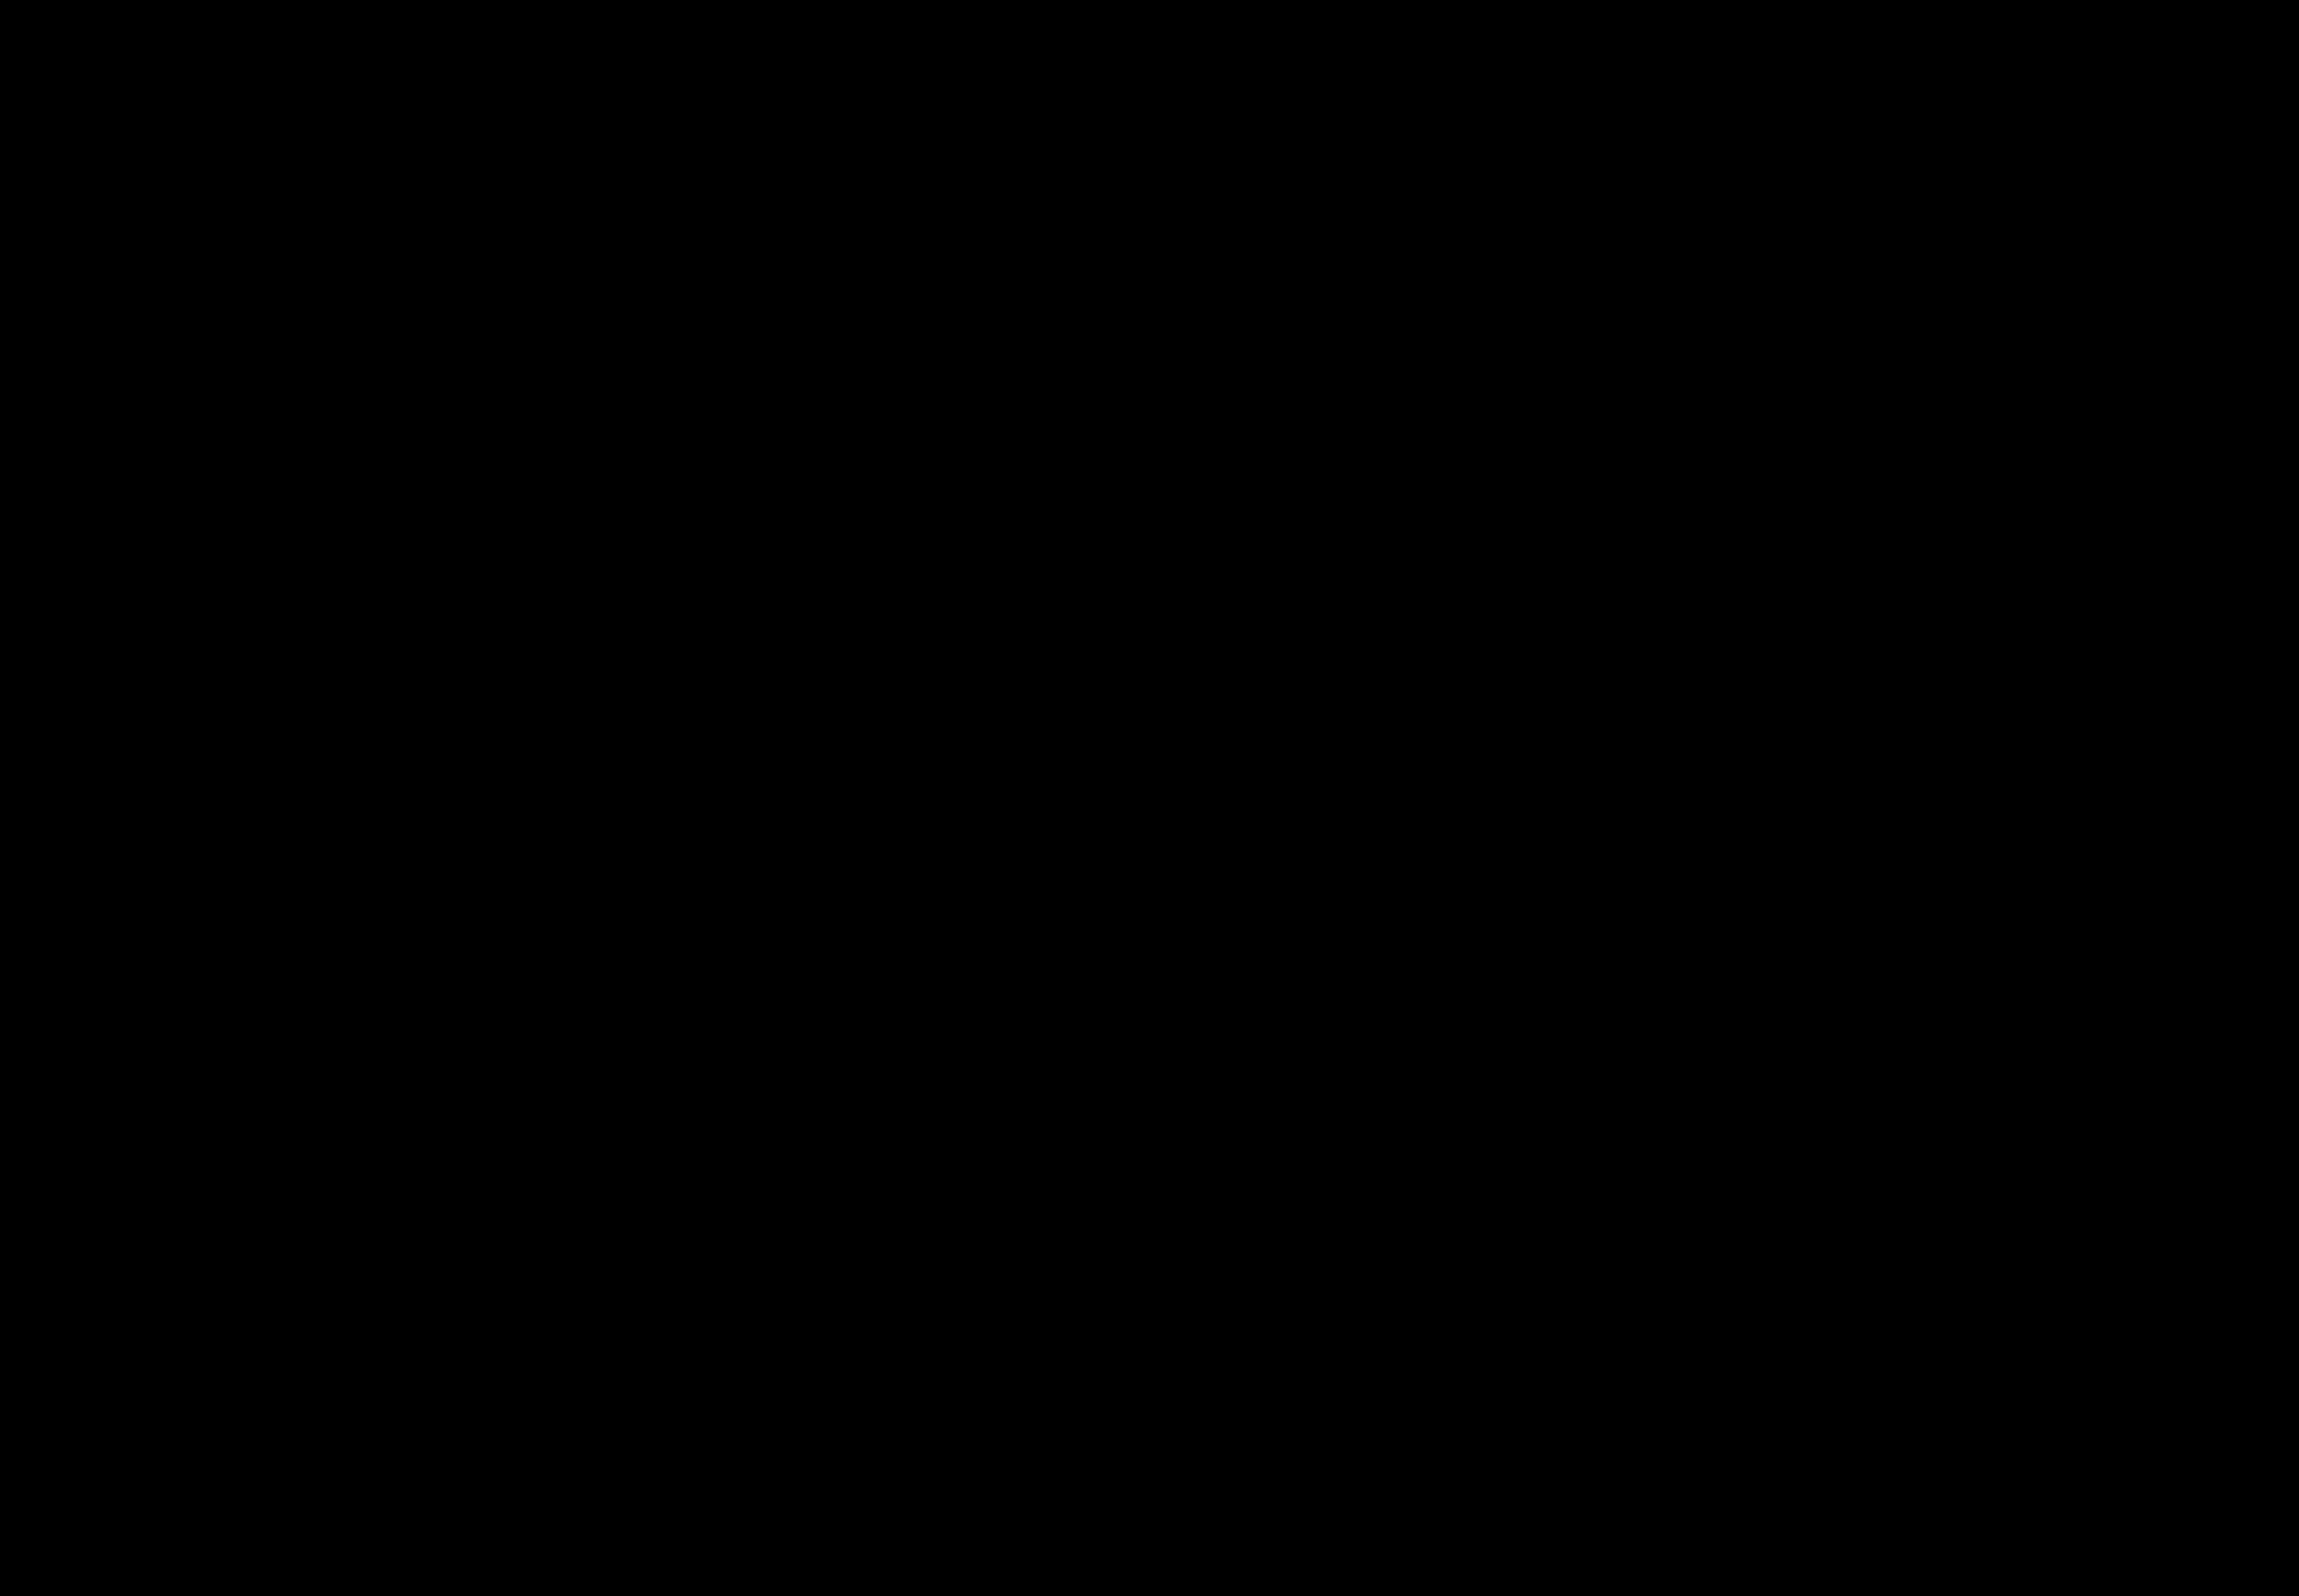 HANDELSHAUS KLEIN GMBH - Wir liefern die Schaltersysteme KLEIN-SI ...